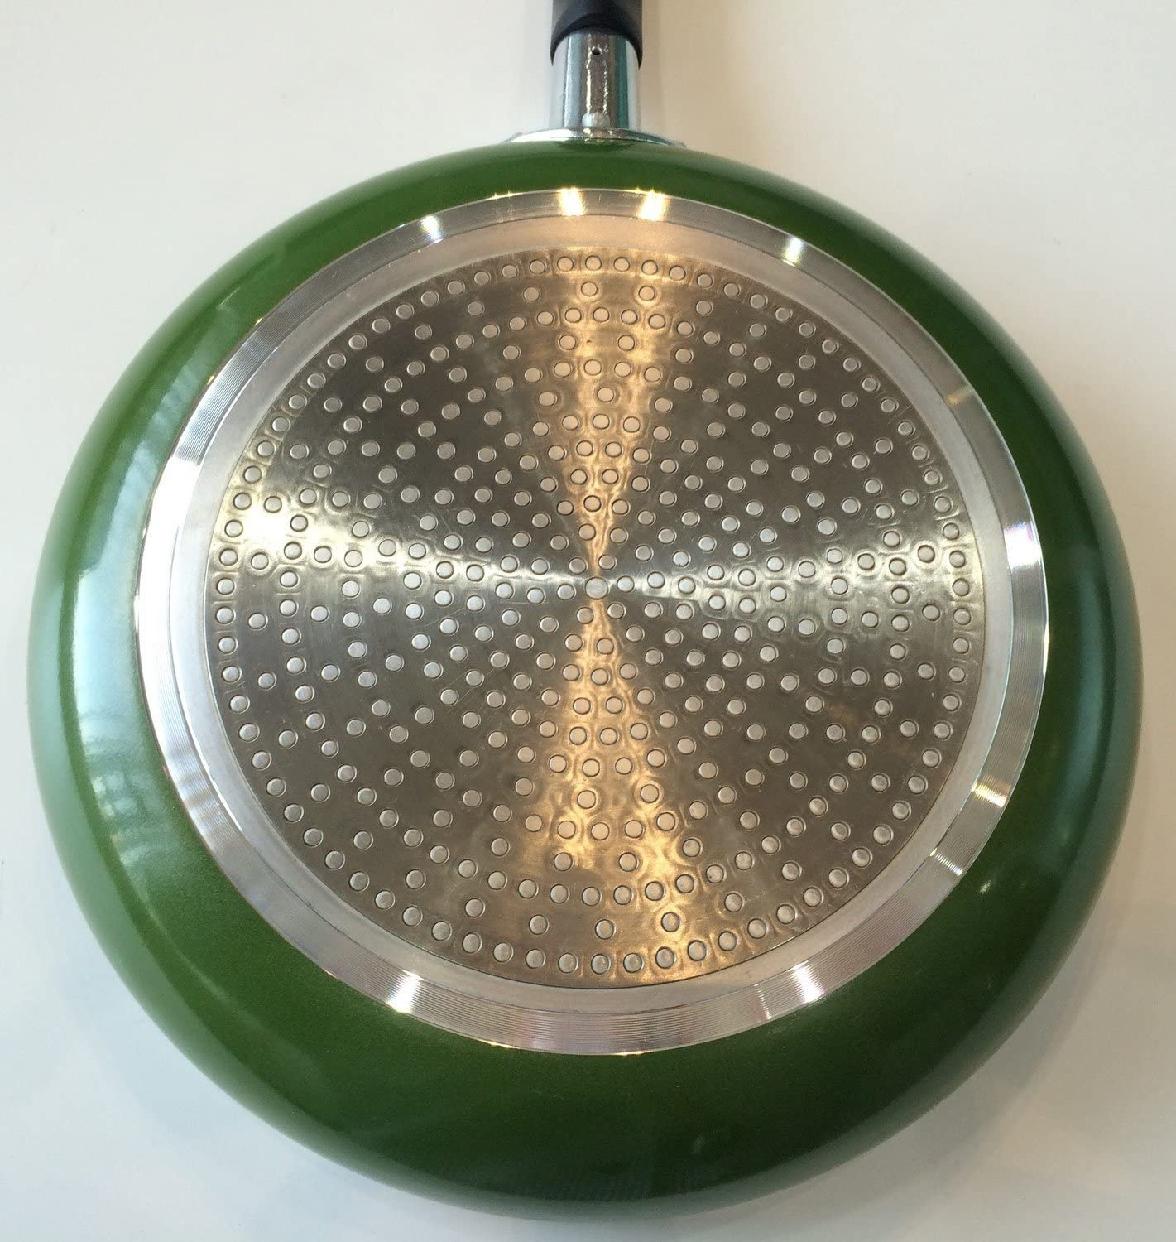 パール金属(PEARL) フォア フライパン 24cm IH対応 H-1861 グリーンの商品画像5